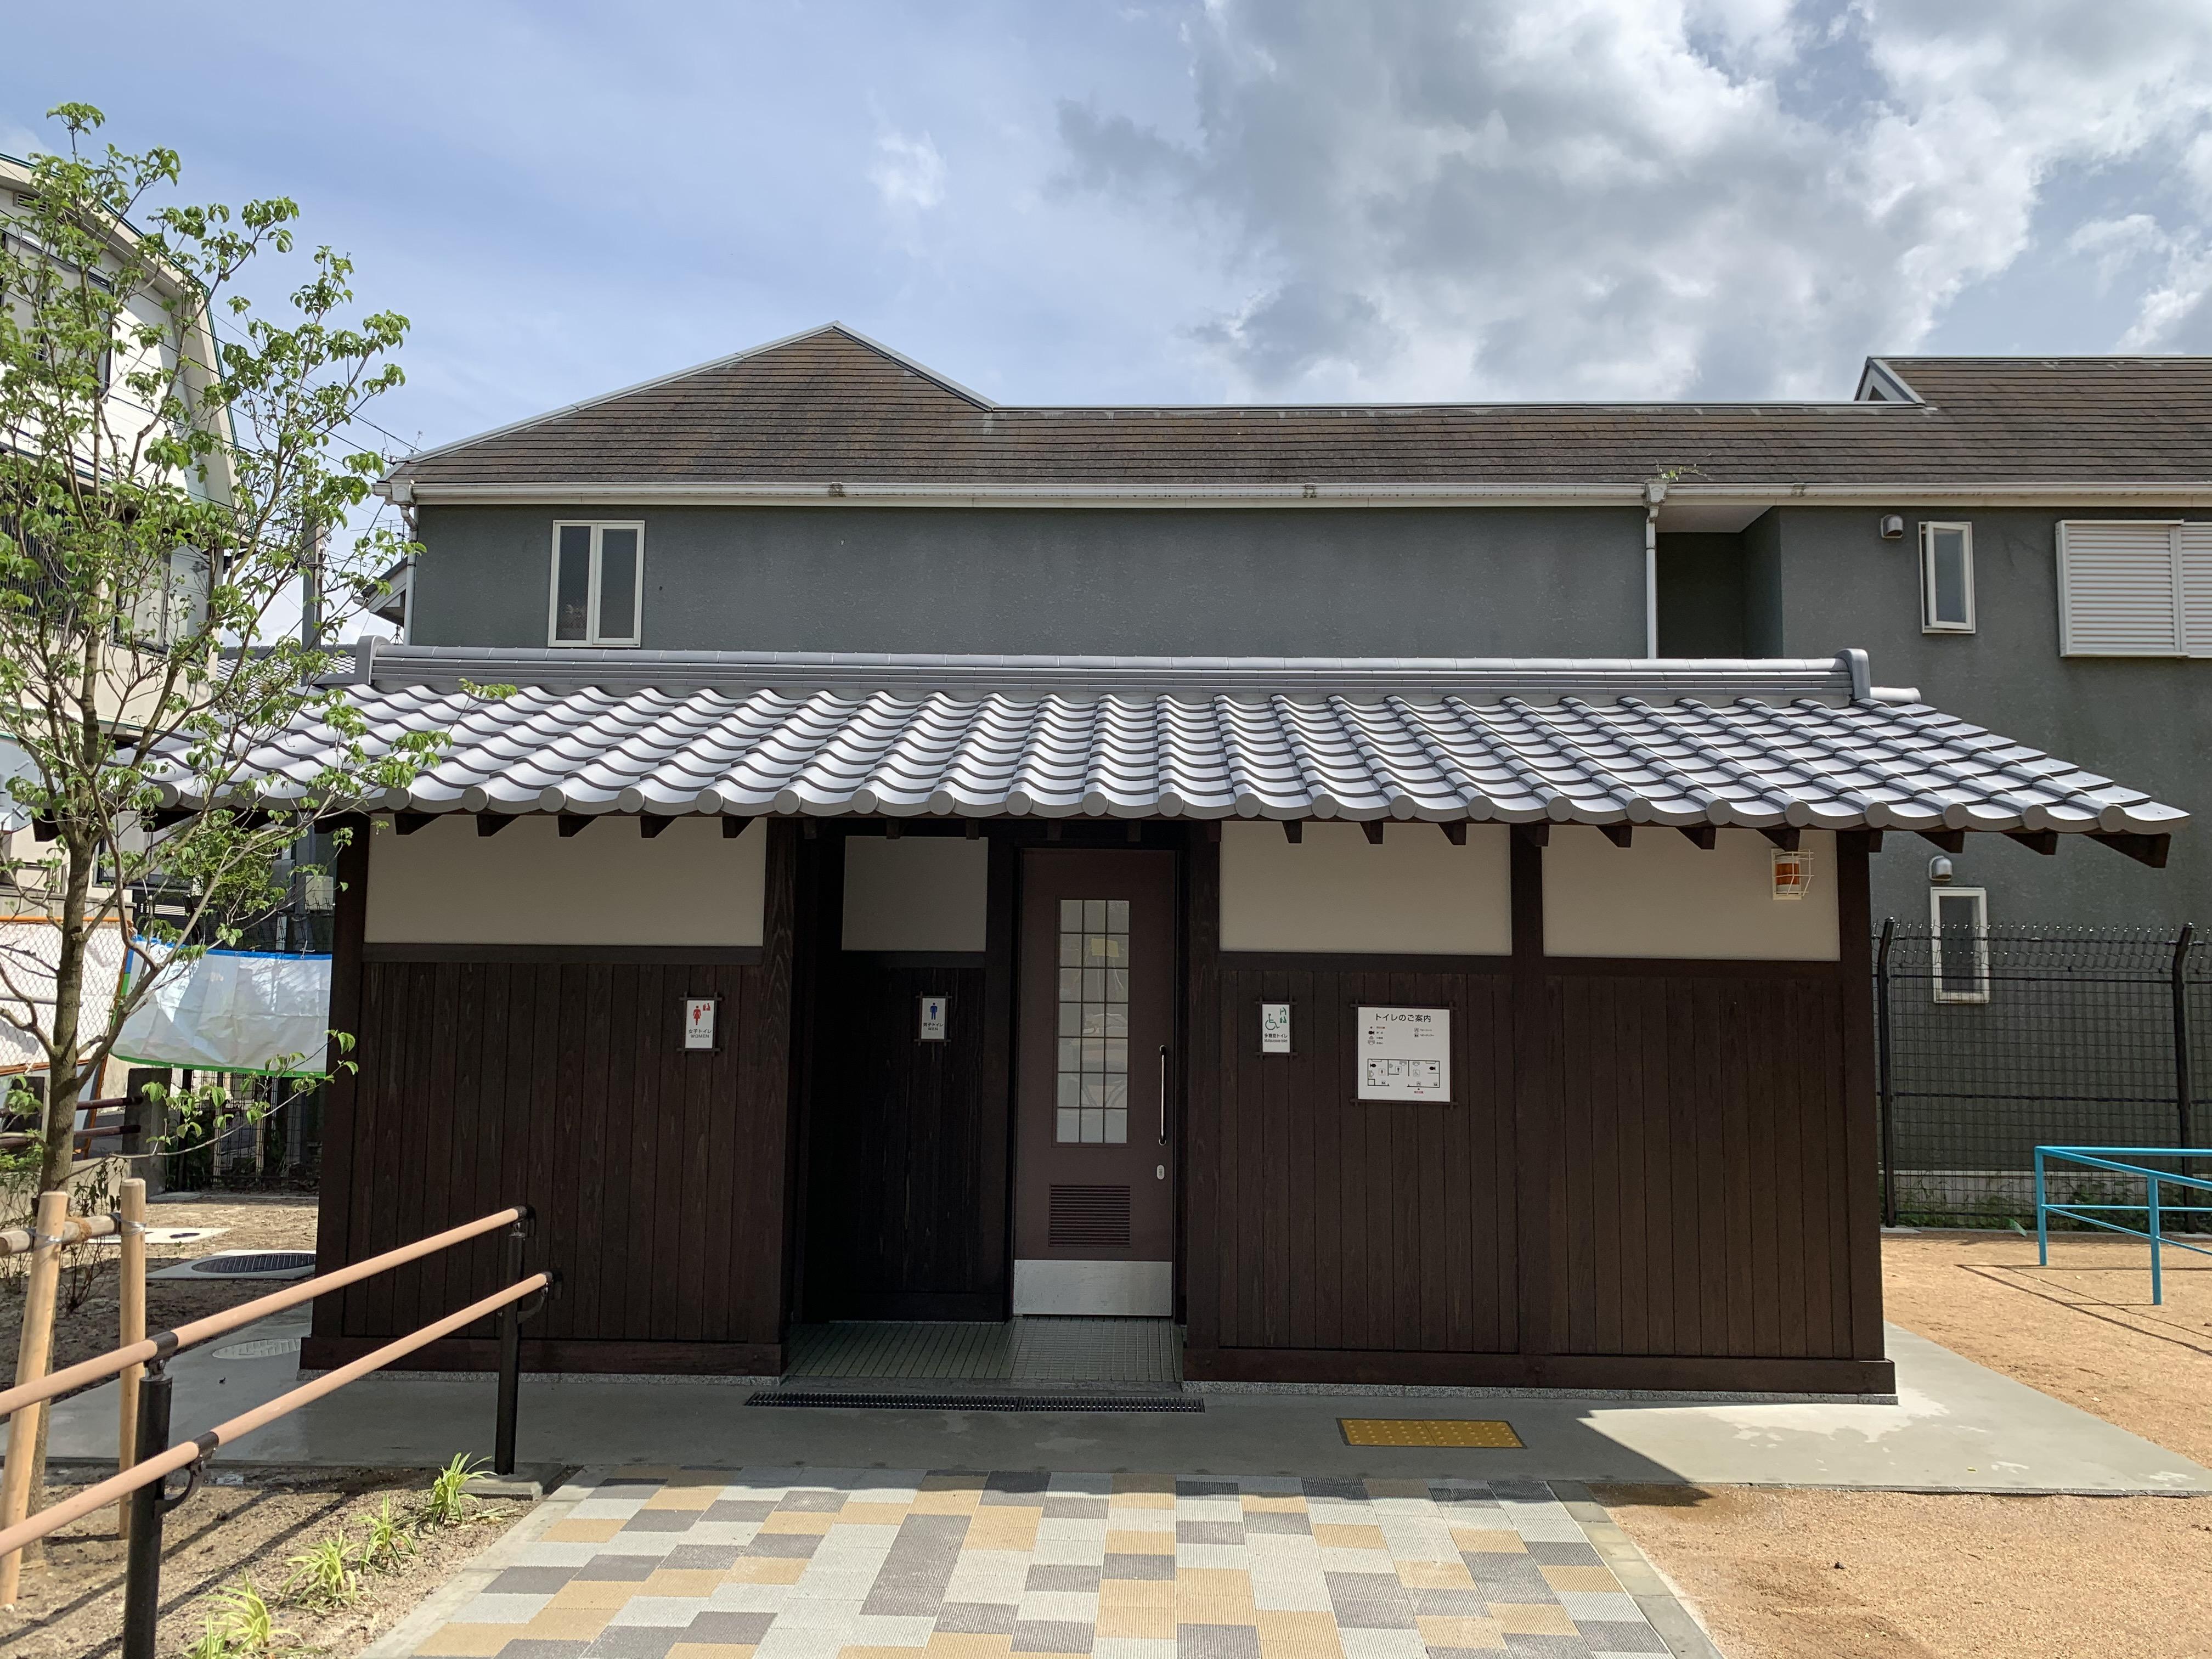 京都市北白川公園便所棟新築工事